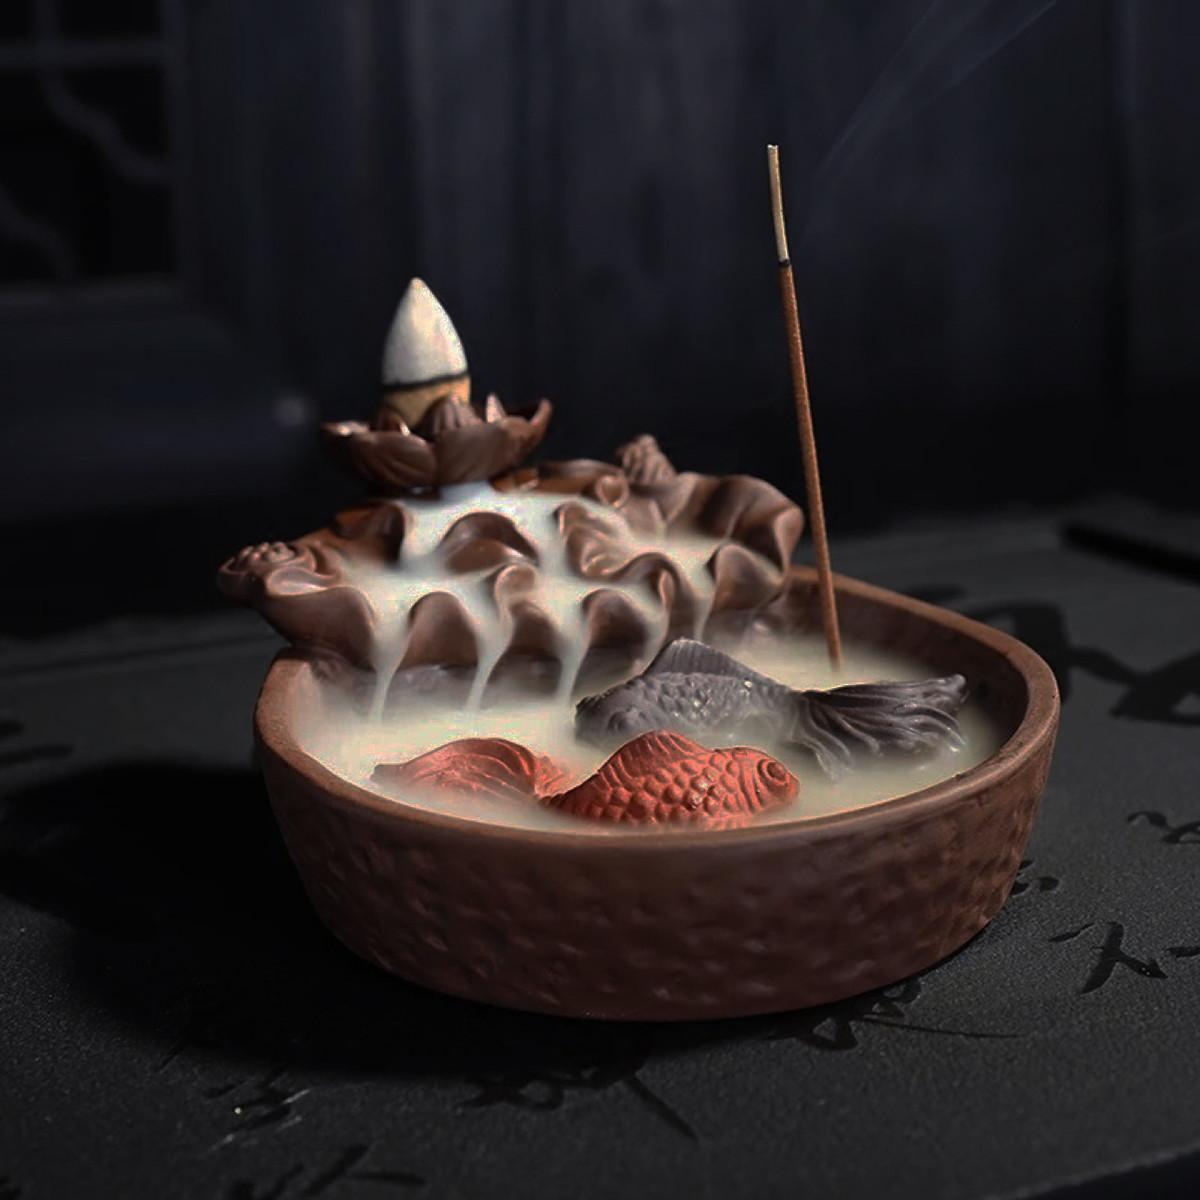 Рыбий хвост кастрюли с колбасой для обжаривания рыбы Палка Держатель для подарка Дзен-буддистский конус - 1TopShop